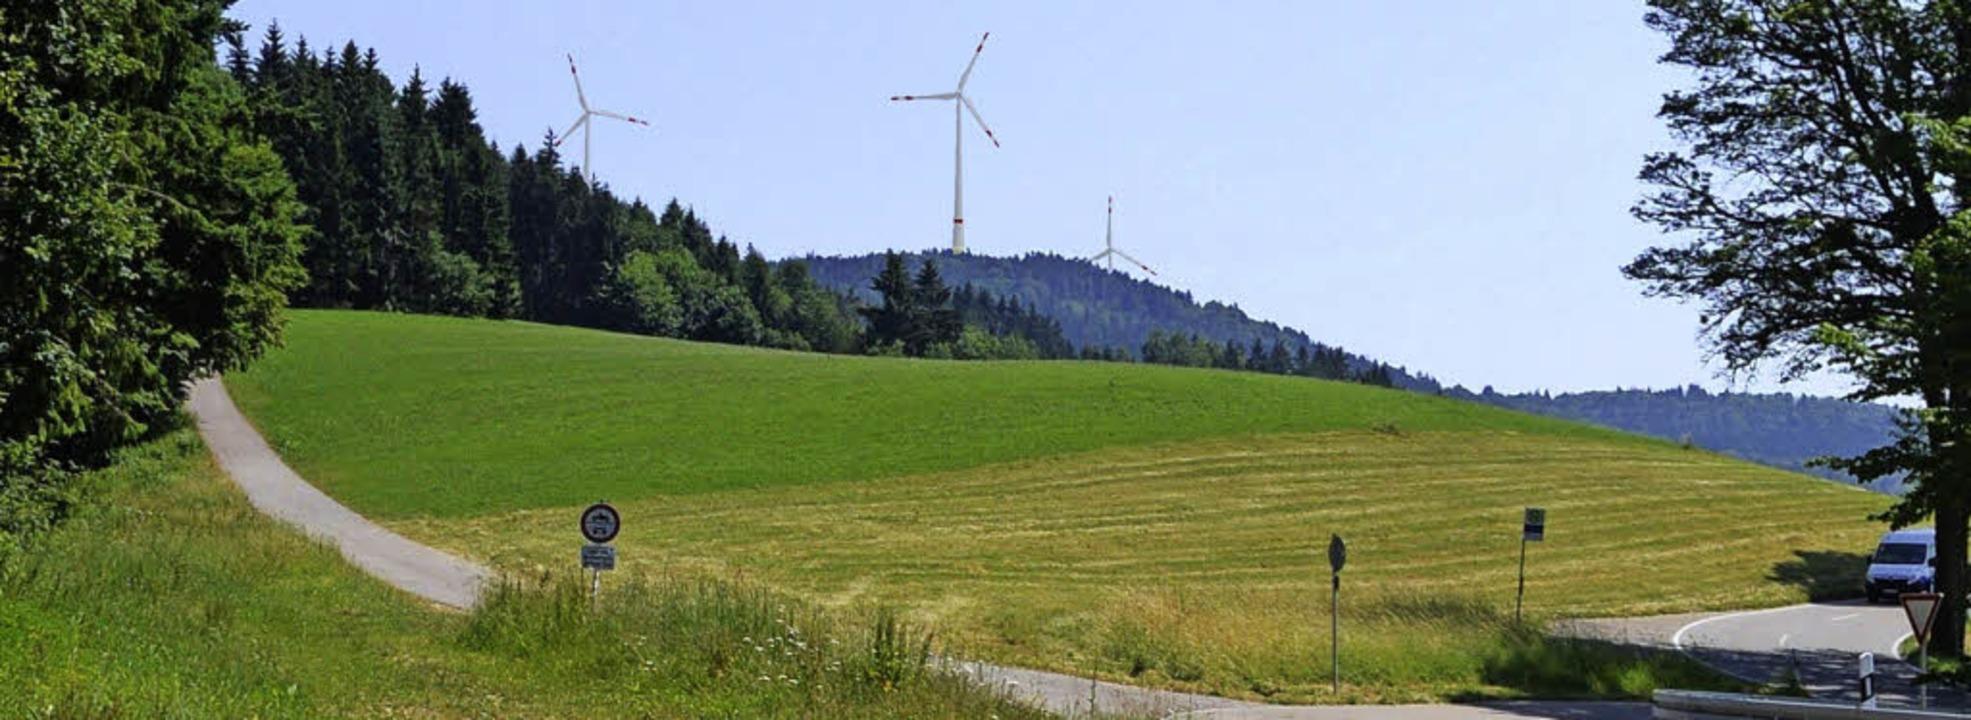 Der Rohrenkopf mit Windkraftanlagen – eine Simulation    | Foto: Lenné3D